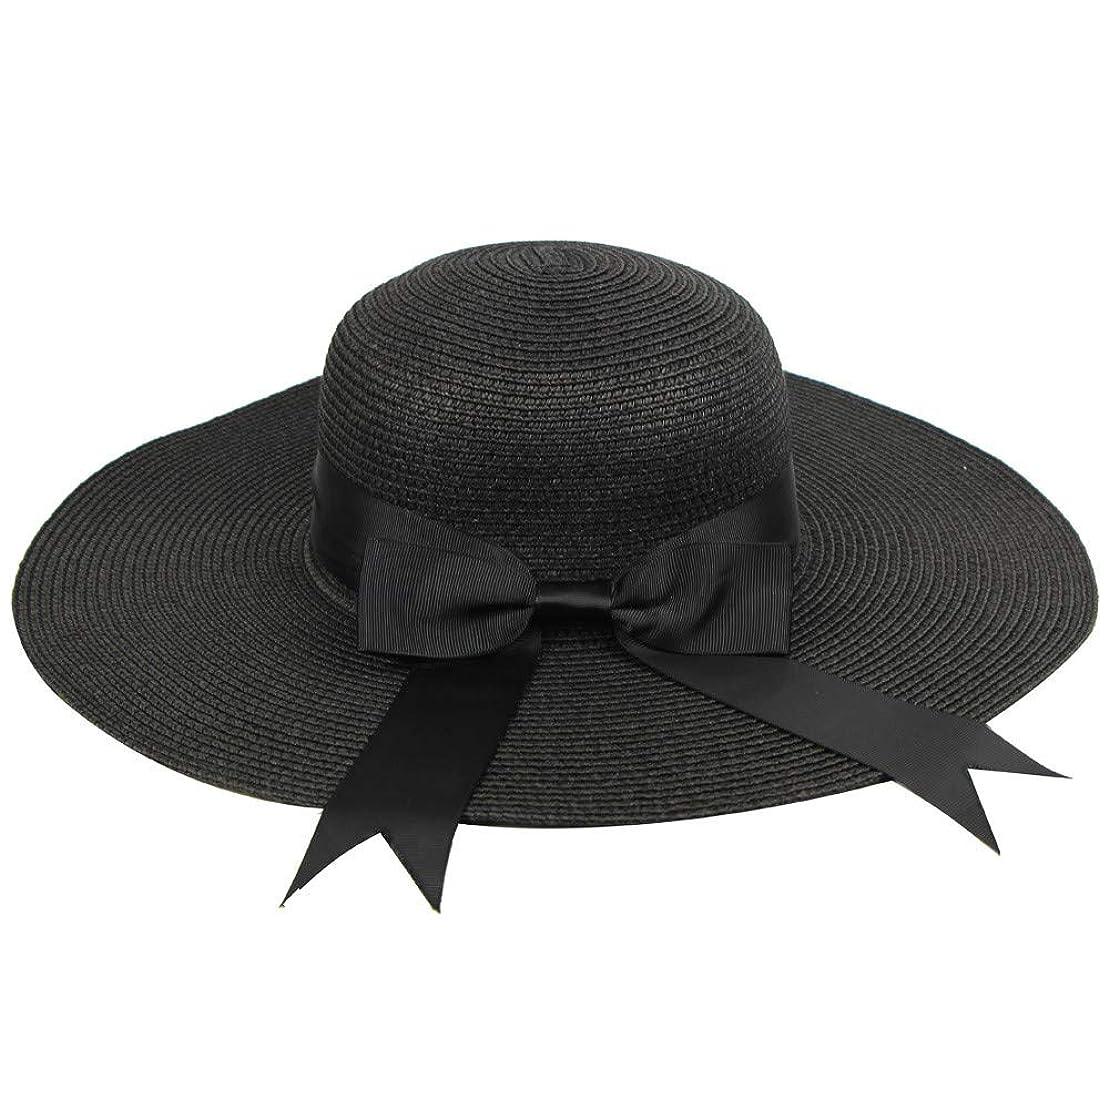 お気に入りカセット北西UVカット 帽子 ハット レディース 紫外線対策 日焼け防止 軽量 熱中症予防 取り外すあご紐 つば広 おしゃれ 広幅 小顔効果抜群 折りたたみ サイズ調節可 旅行 調節テープ 吸汗通気 紫外線対策 ROSE ROMAN